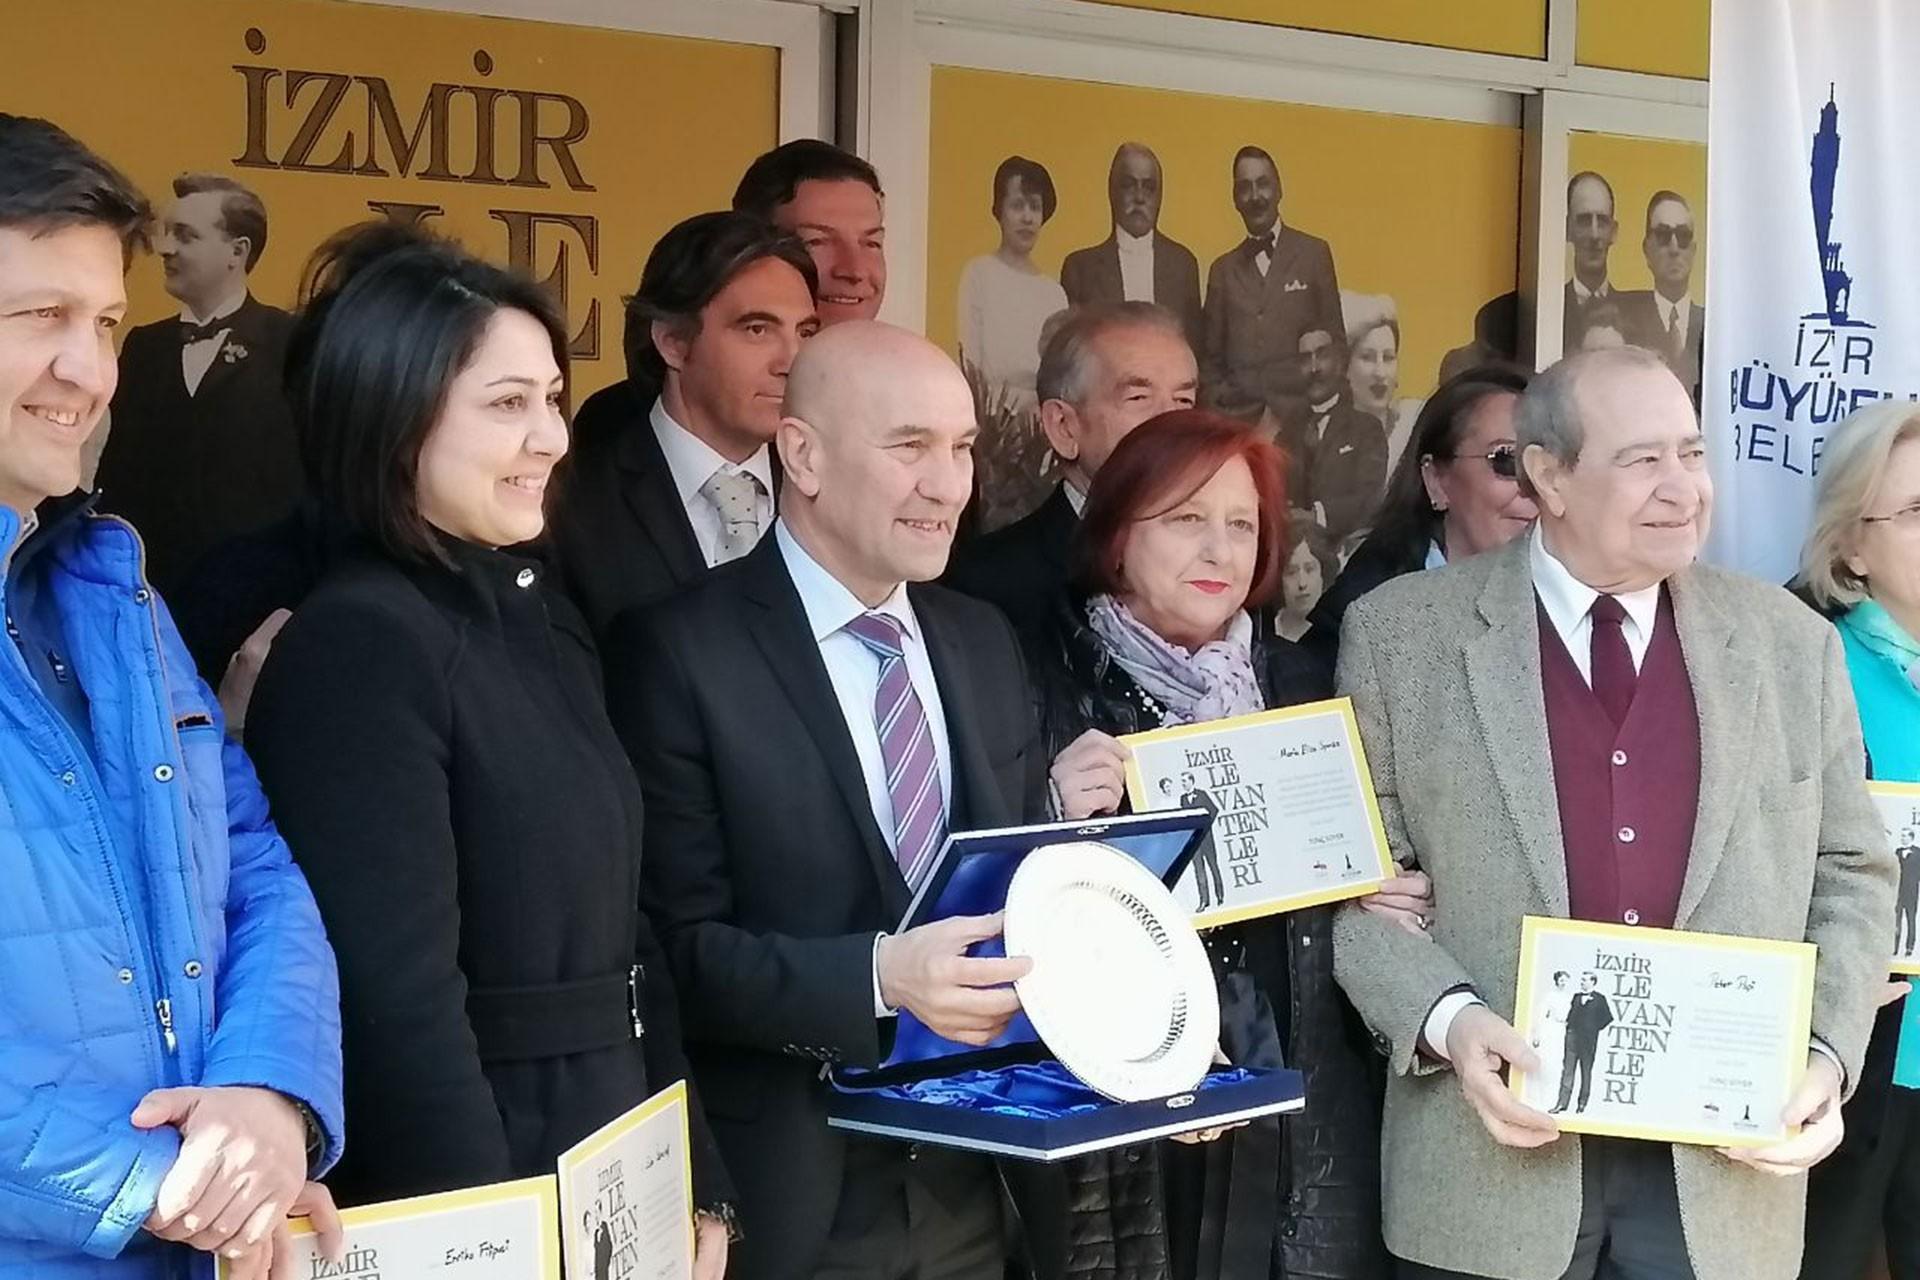 Ahmet Piriştina Kent Arşivi ve Müzesinde 'İzmir Levantenleri' başlıklı sergi açılışında konuşmalar yapılırken